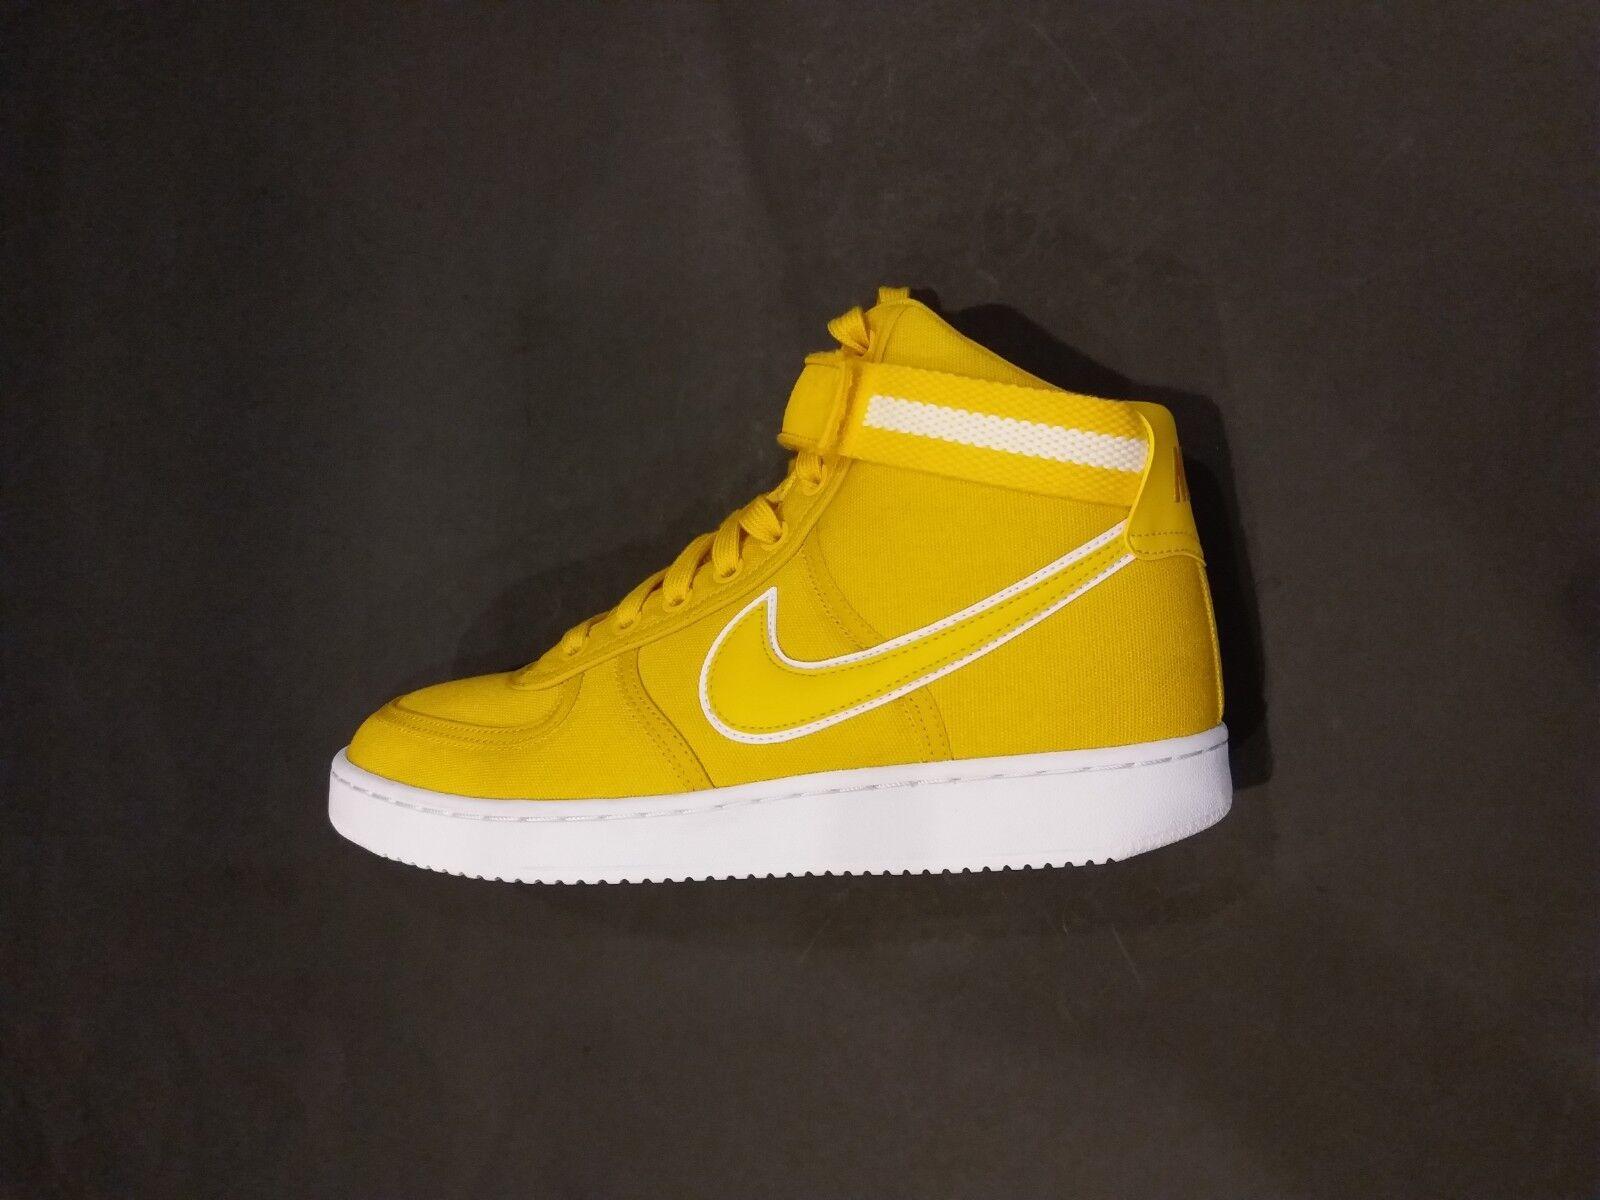 Nike Women's Vandal Hi Basketball shoes Yellow Yellow Yellow de0d5b